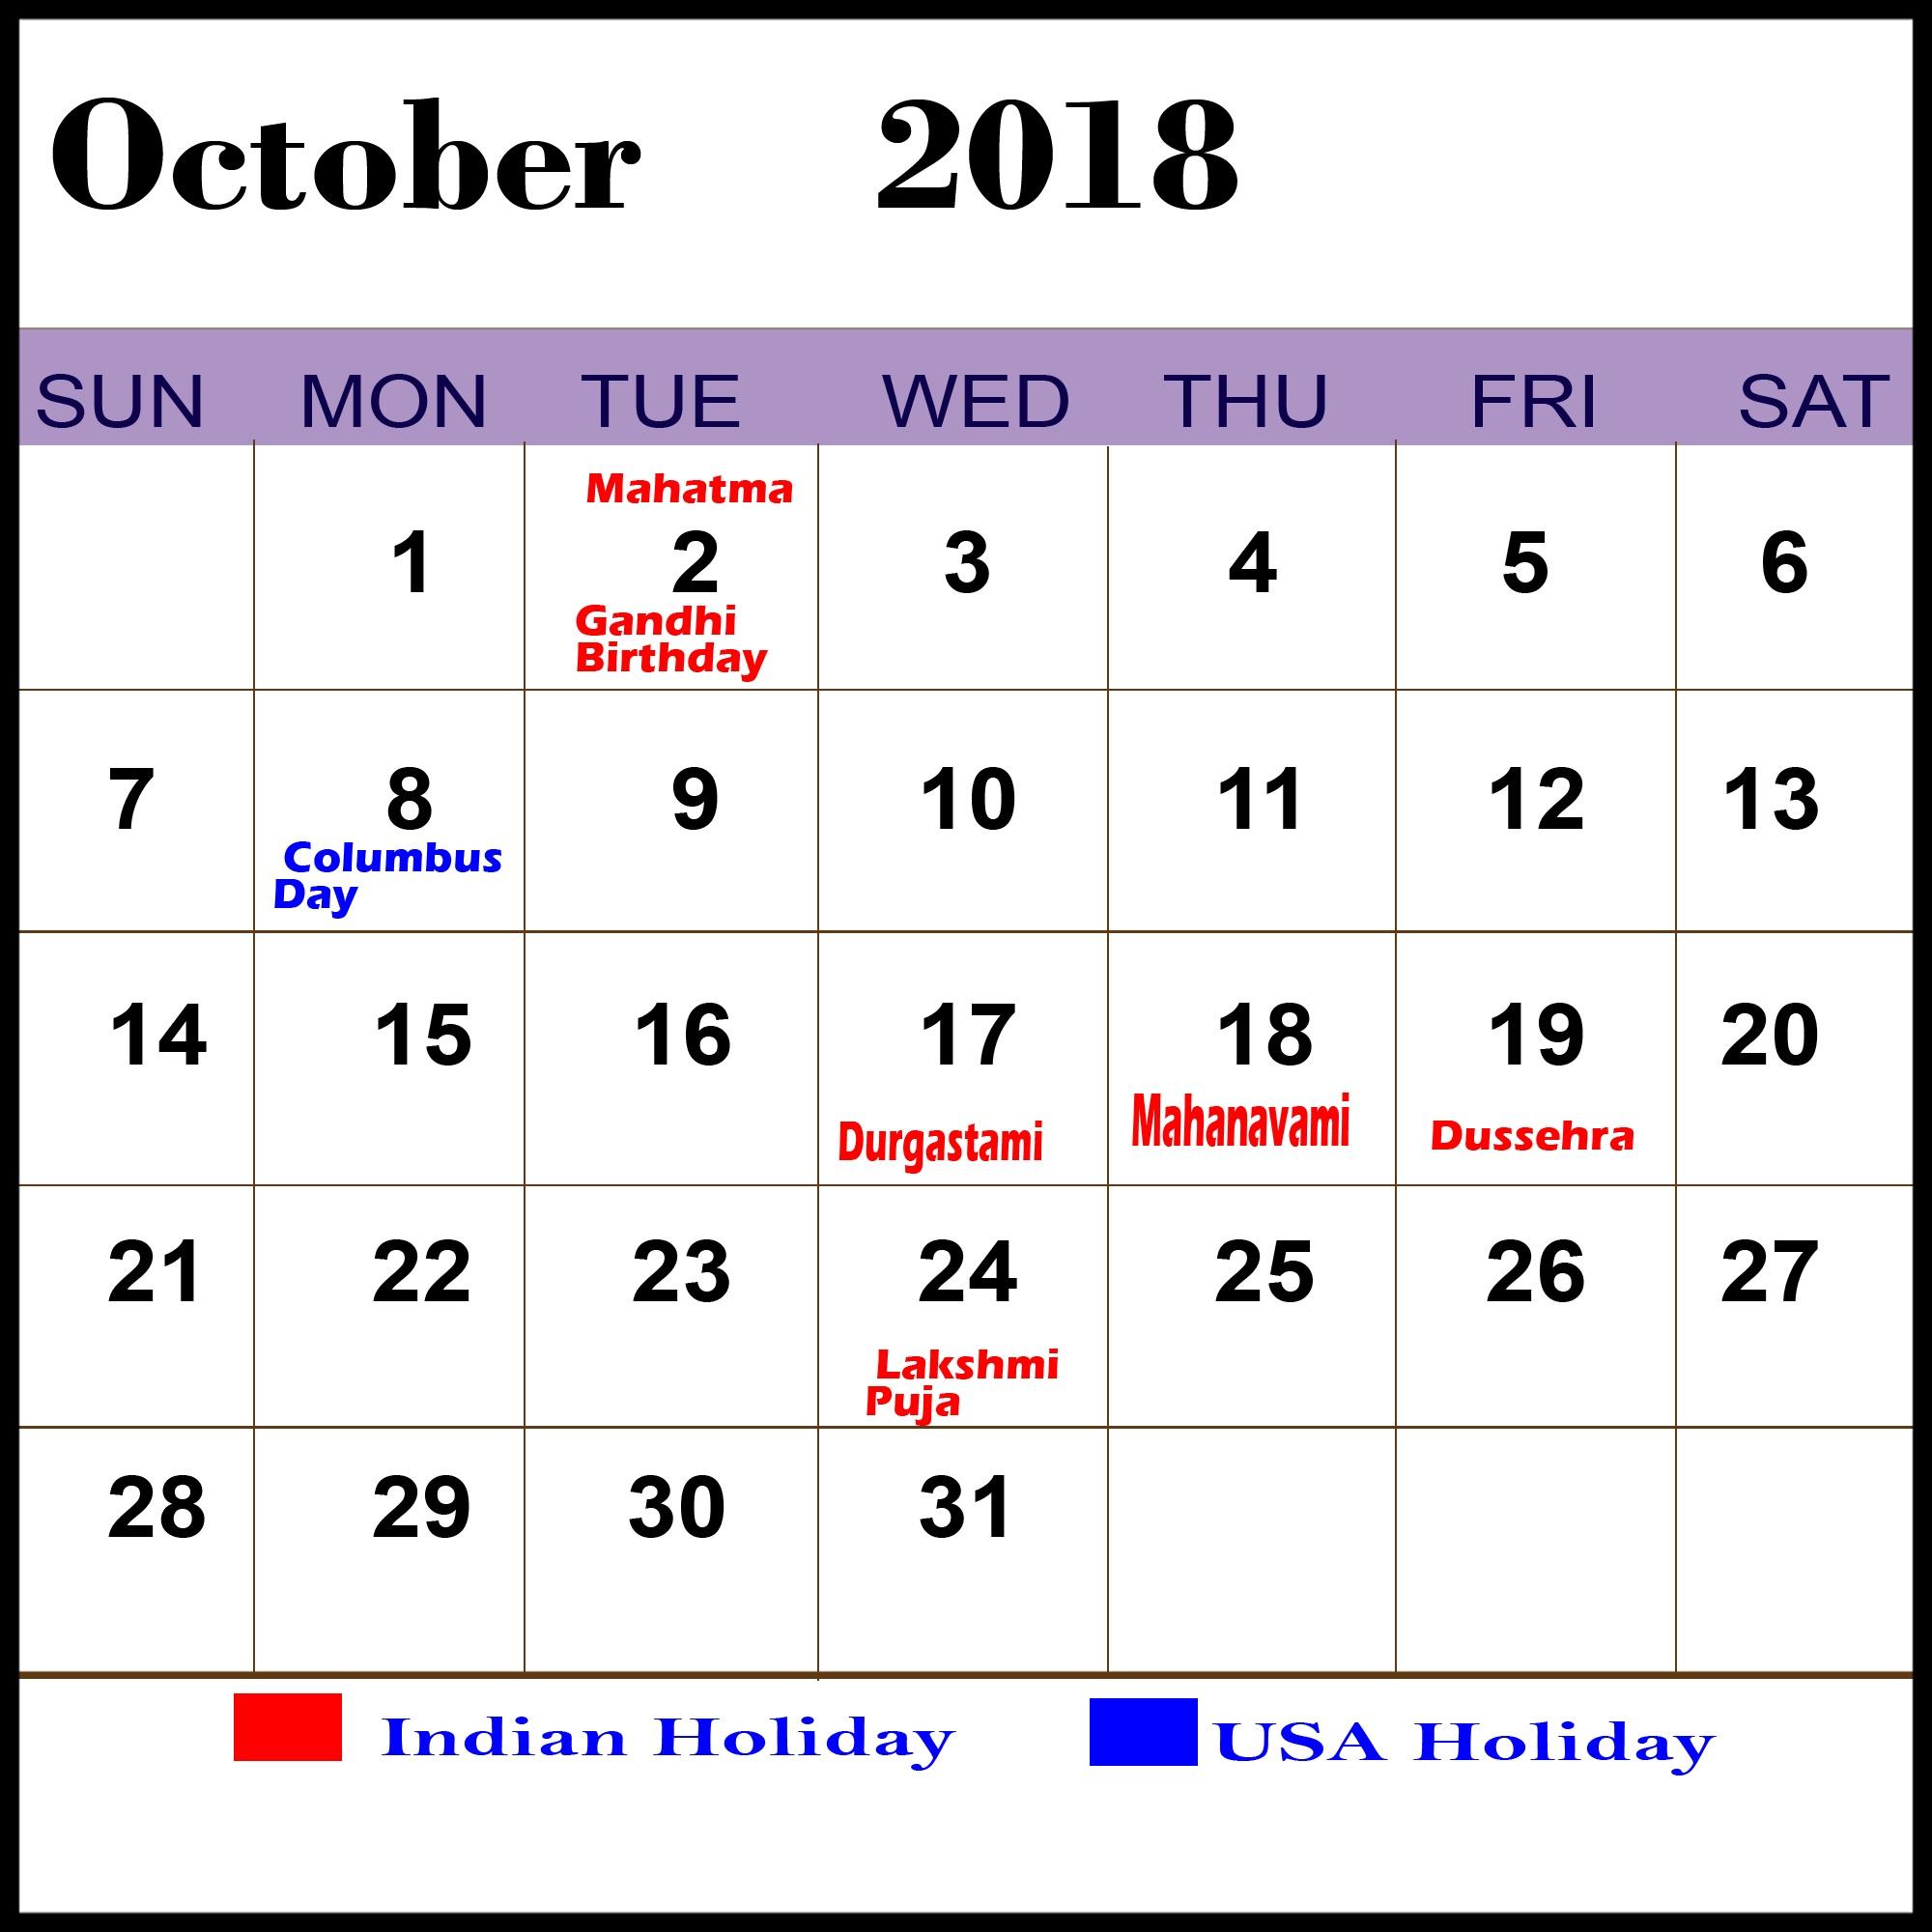 holiday calendar october 2018